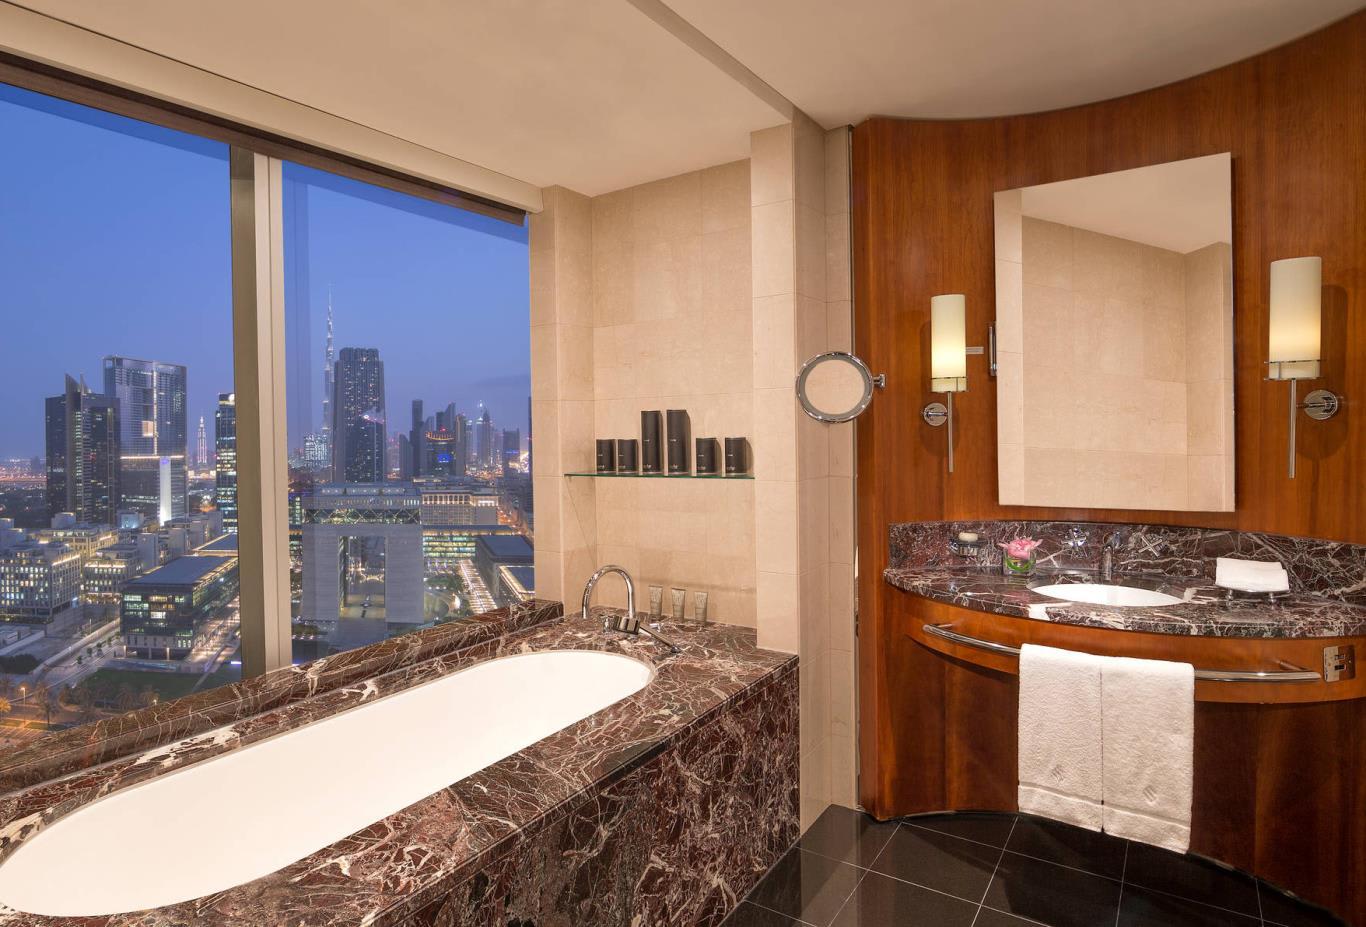 Deluxe_Suite_Bathroom